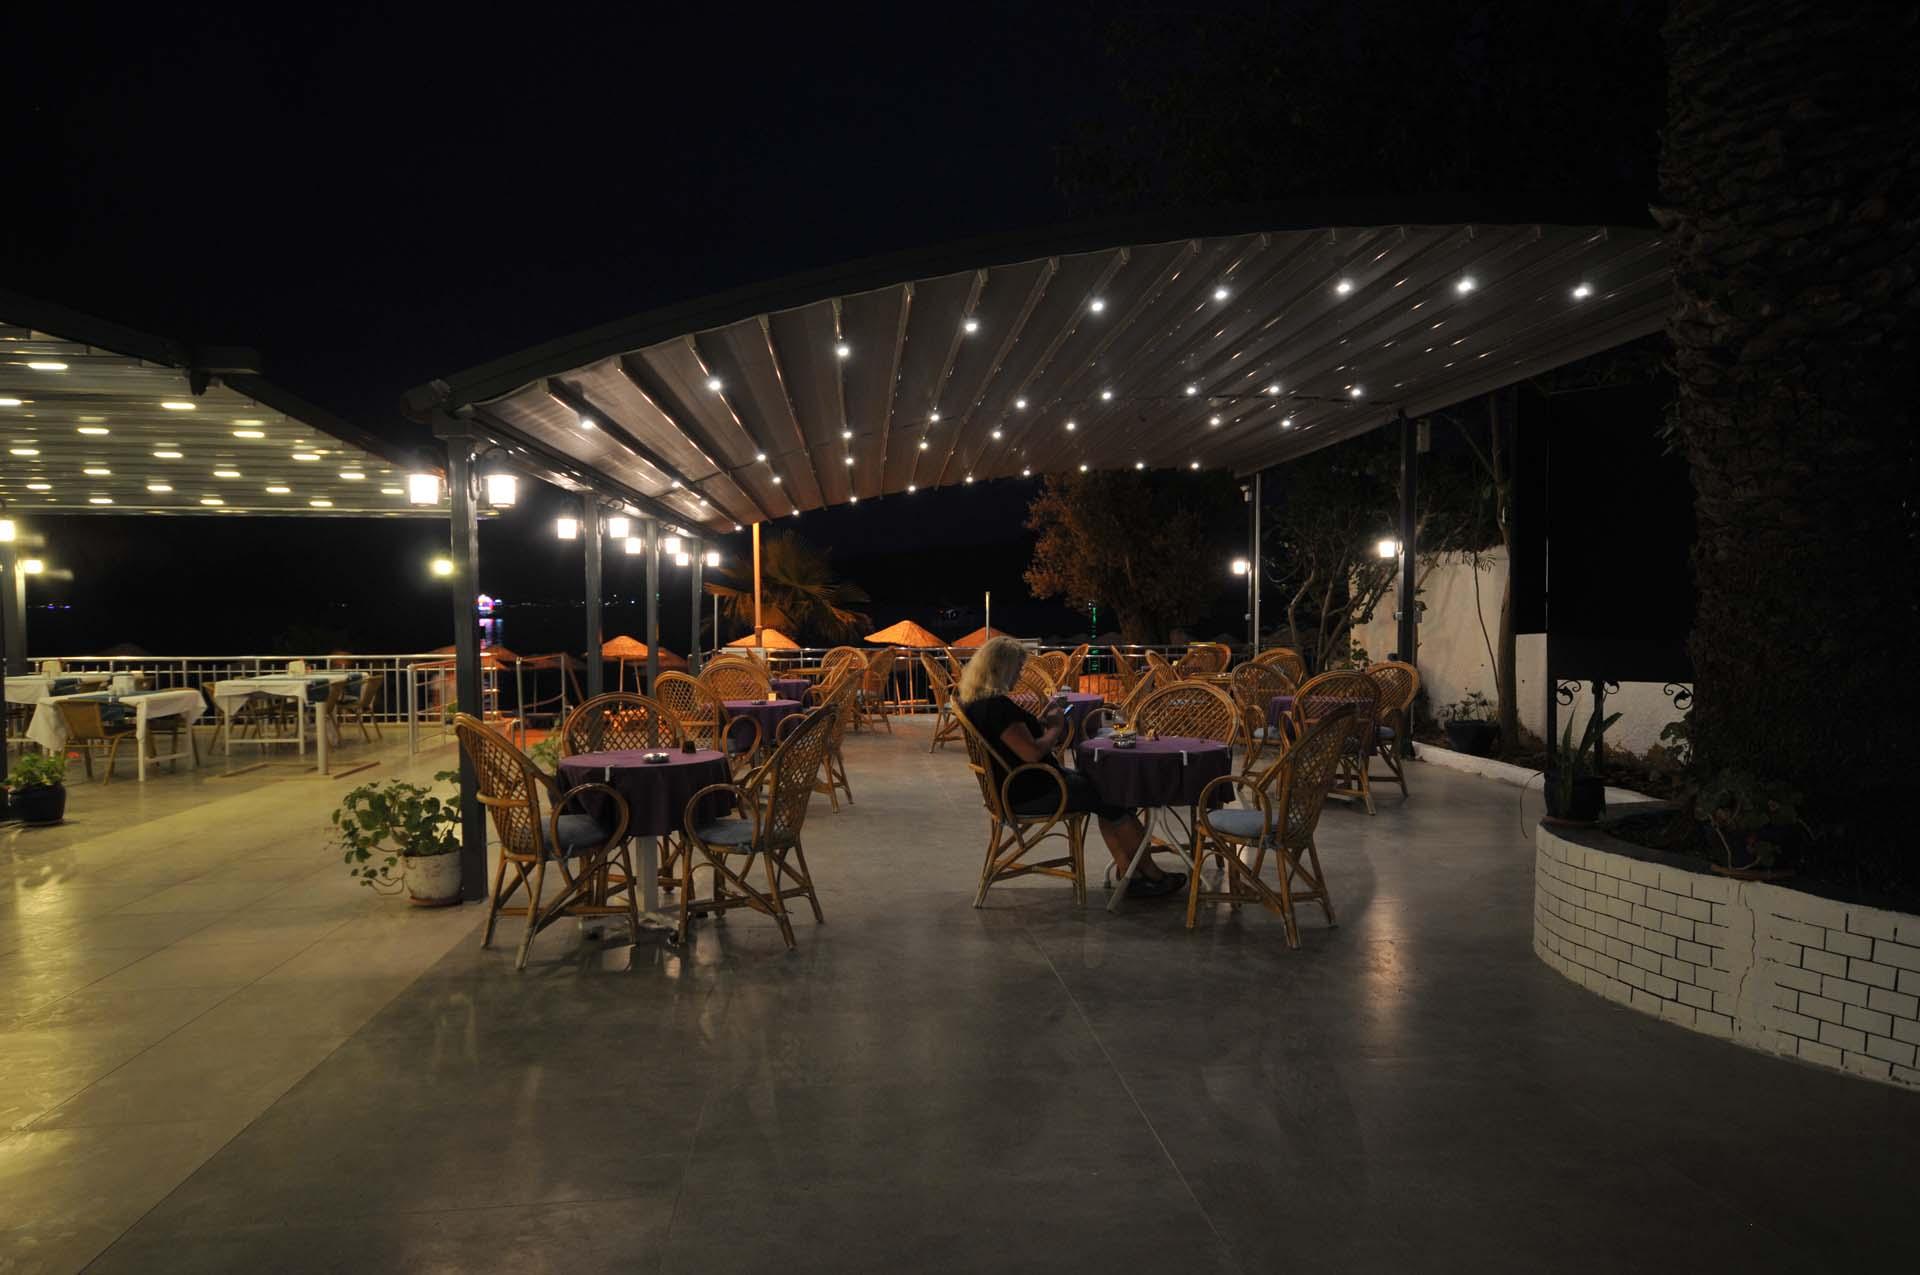 Letovanje Turska autobusom, Marmaris,Hotel Amos Marmaris bašta noću